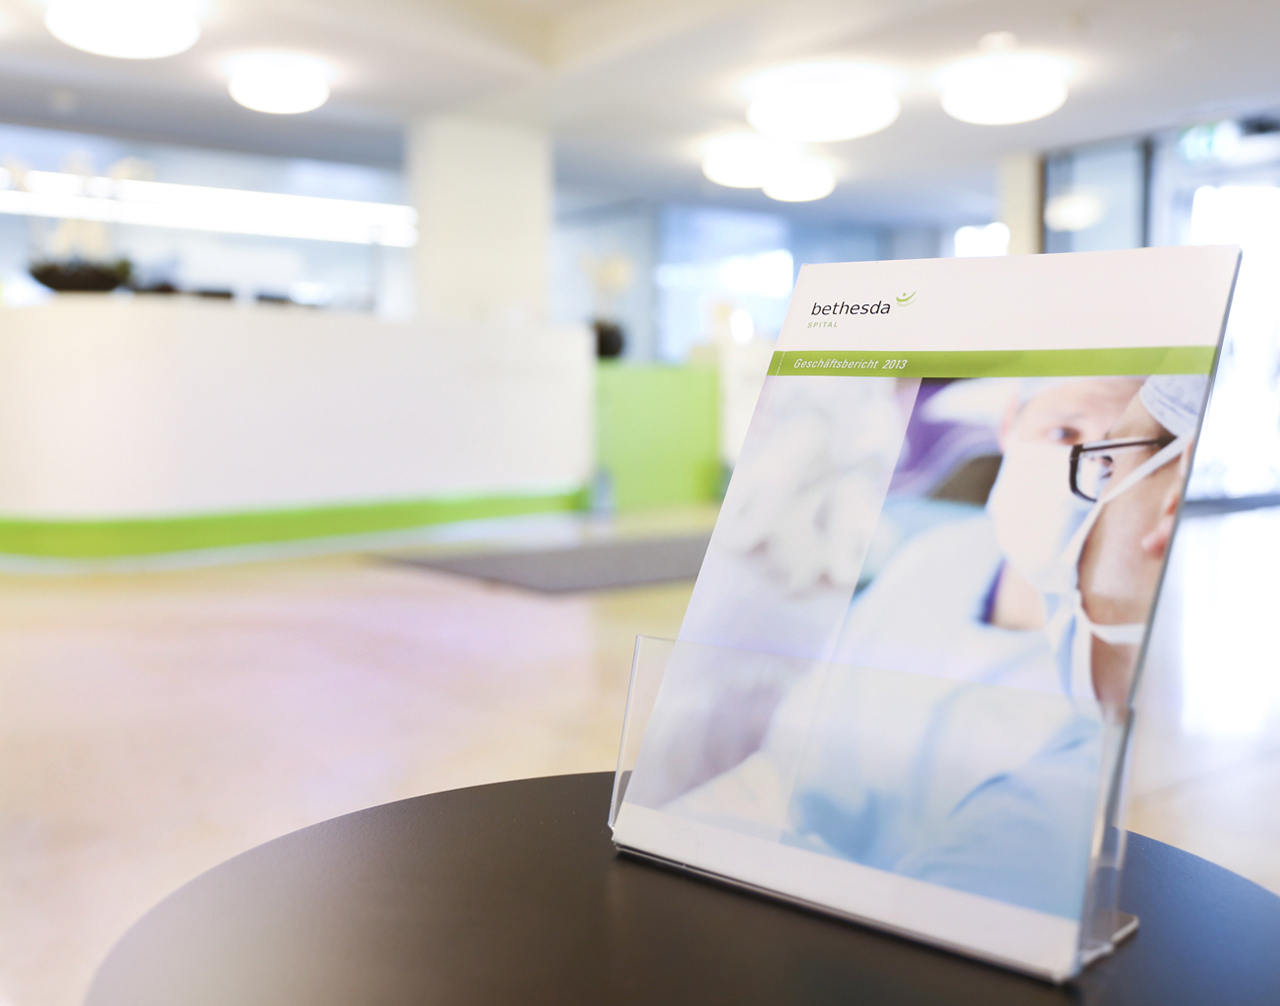 Geschäftsbericht Bethesda Spital - scanu communications